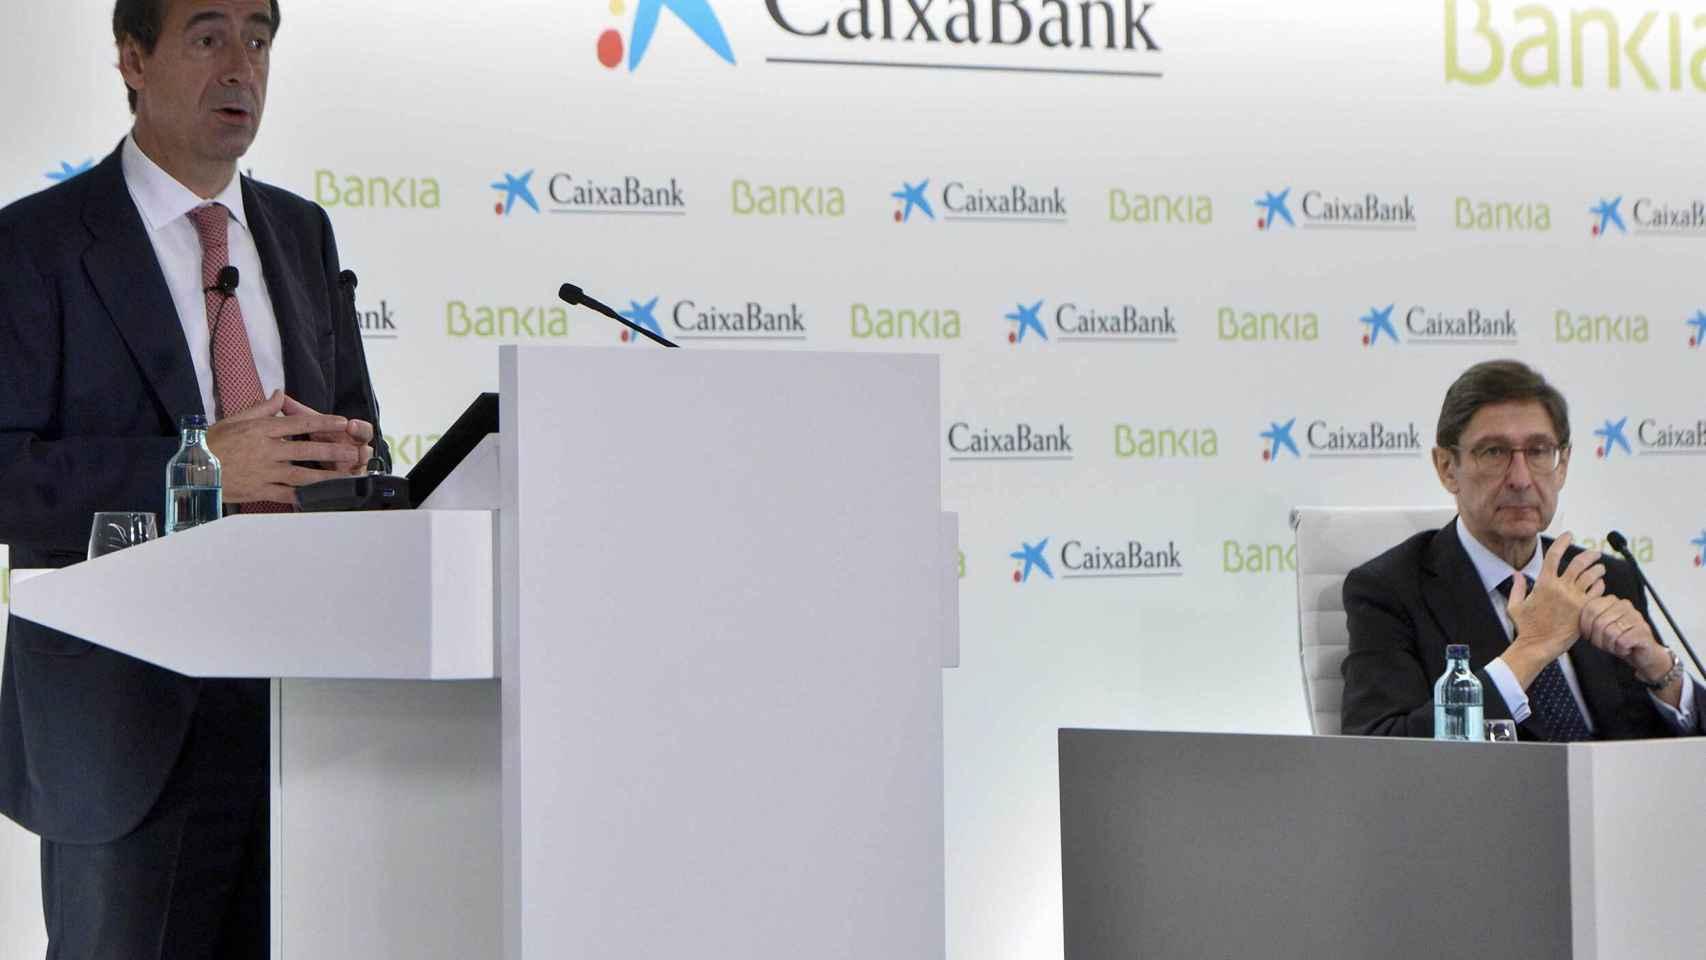 El consejero delegado de CaixaBank, Gonzalo Gortázar, ofrece los detalels de la fusión con Bankia.